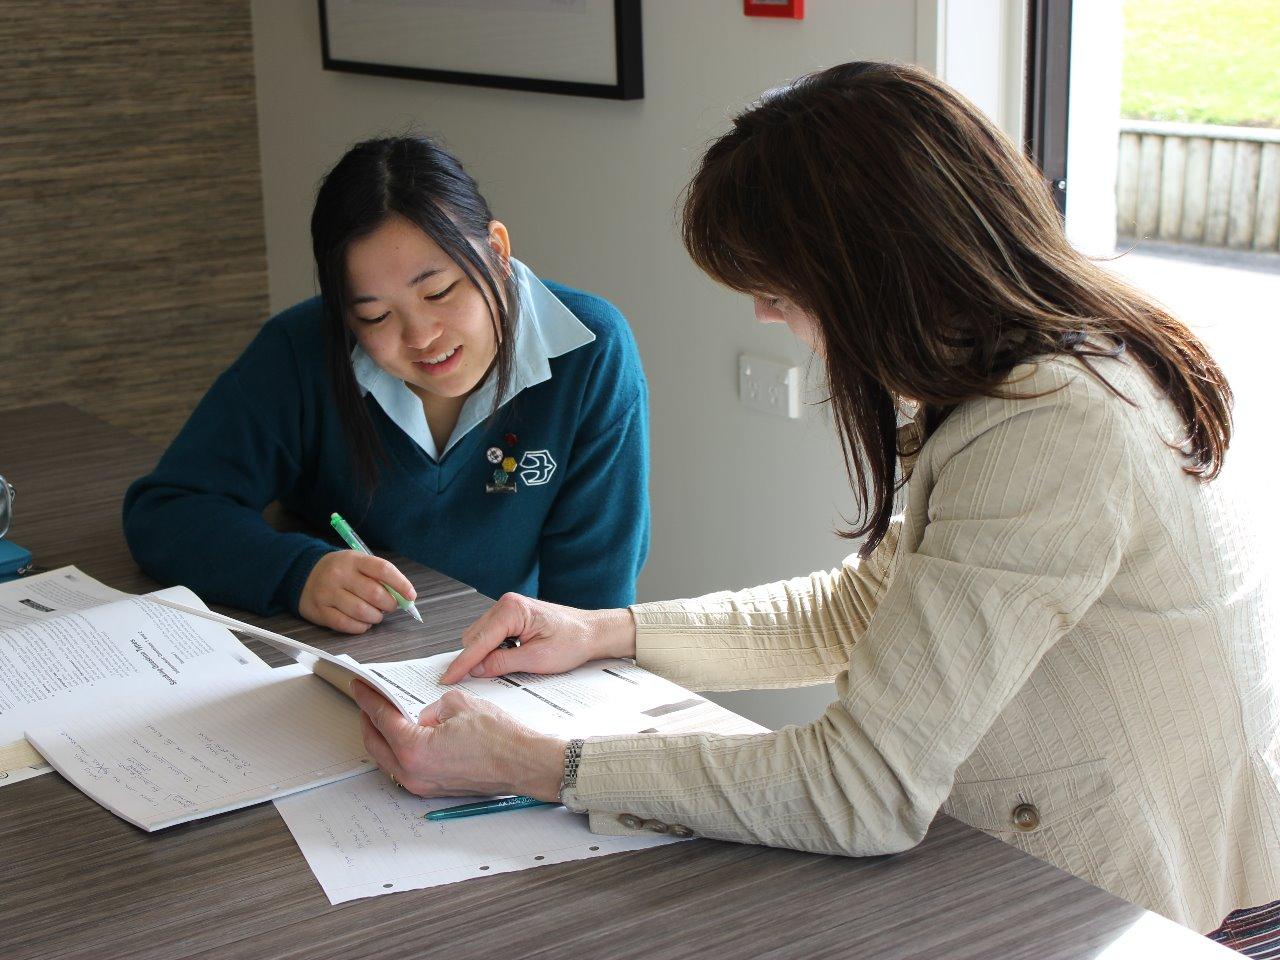 ニュージーランド高校留学(ターム・1年・卒業・私立・公立)オークランドウェリントンクライストチャーチ 現地日本人サポートスタッフ